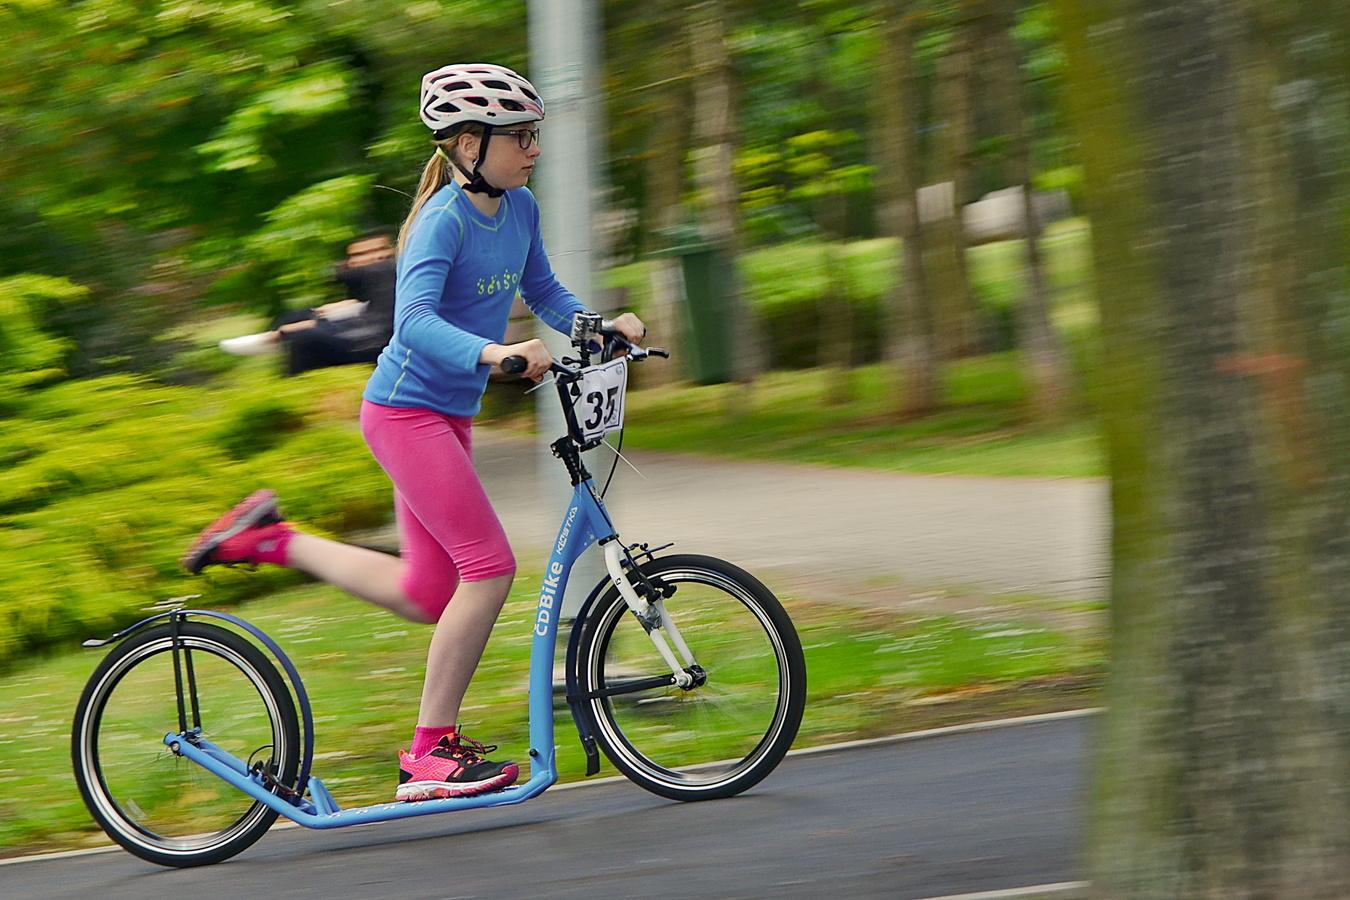 Dětská bezstarostná jízdní elegance (trhněte si páprdové)...(uvolněte místo)...